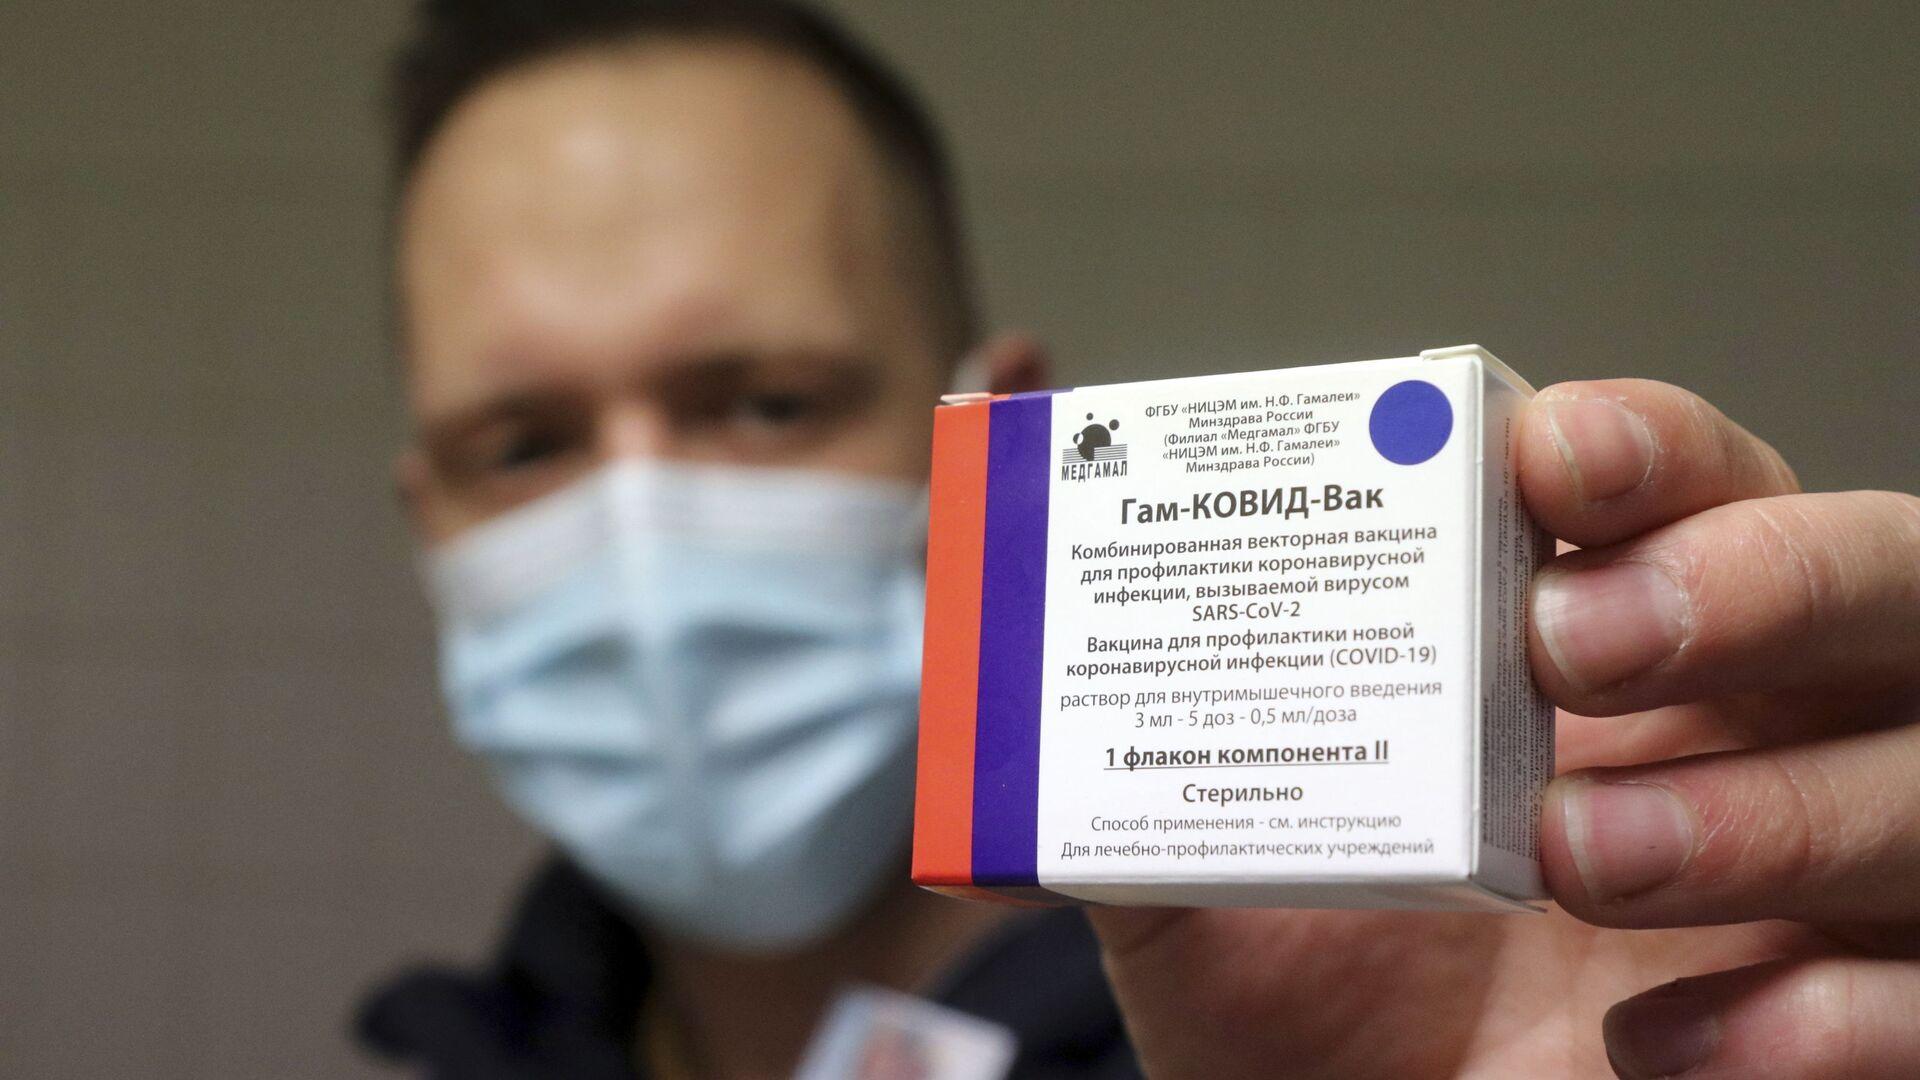 Rosyjska szczepionka przeciw koronawirusowi Sputnik V. - Sputnik Polska, 1920, 31.03.2021